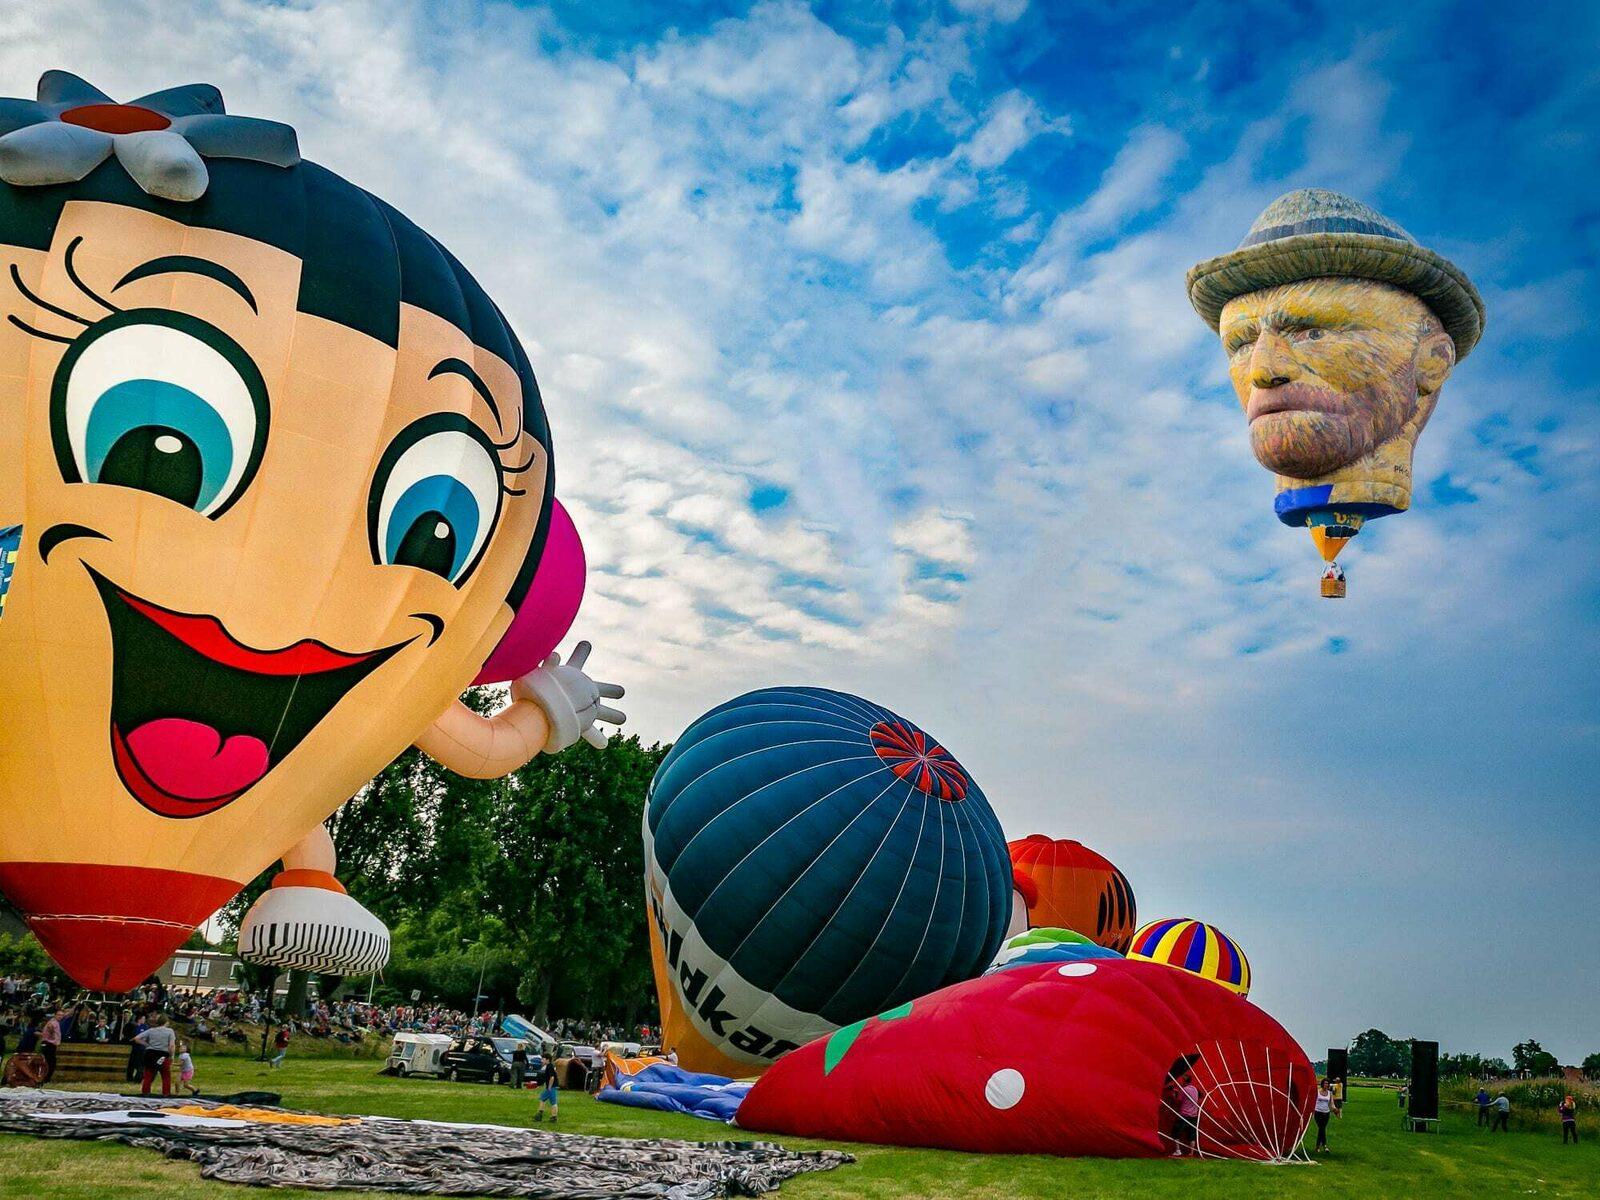 Balonnenfestival Hardenberg